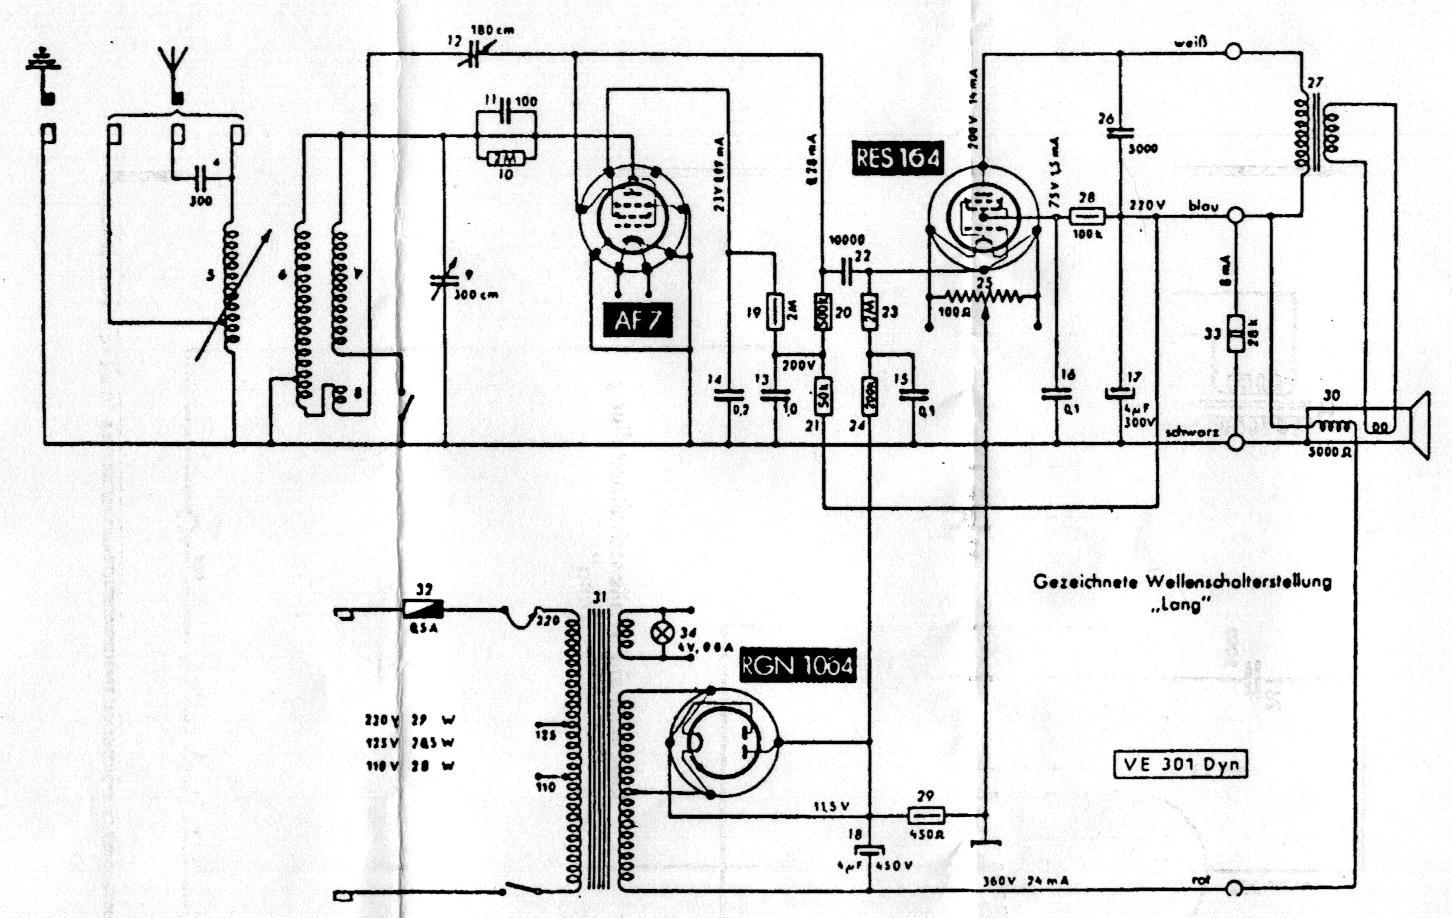 311019 17 Amg Wheels Staggered Slk 350 A as well 1 Tube Radio Schematics also Main together with Schematics together with Vintage Radio Schematics. on zenith antique radio schematics